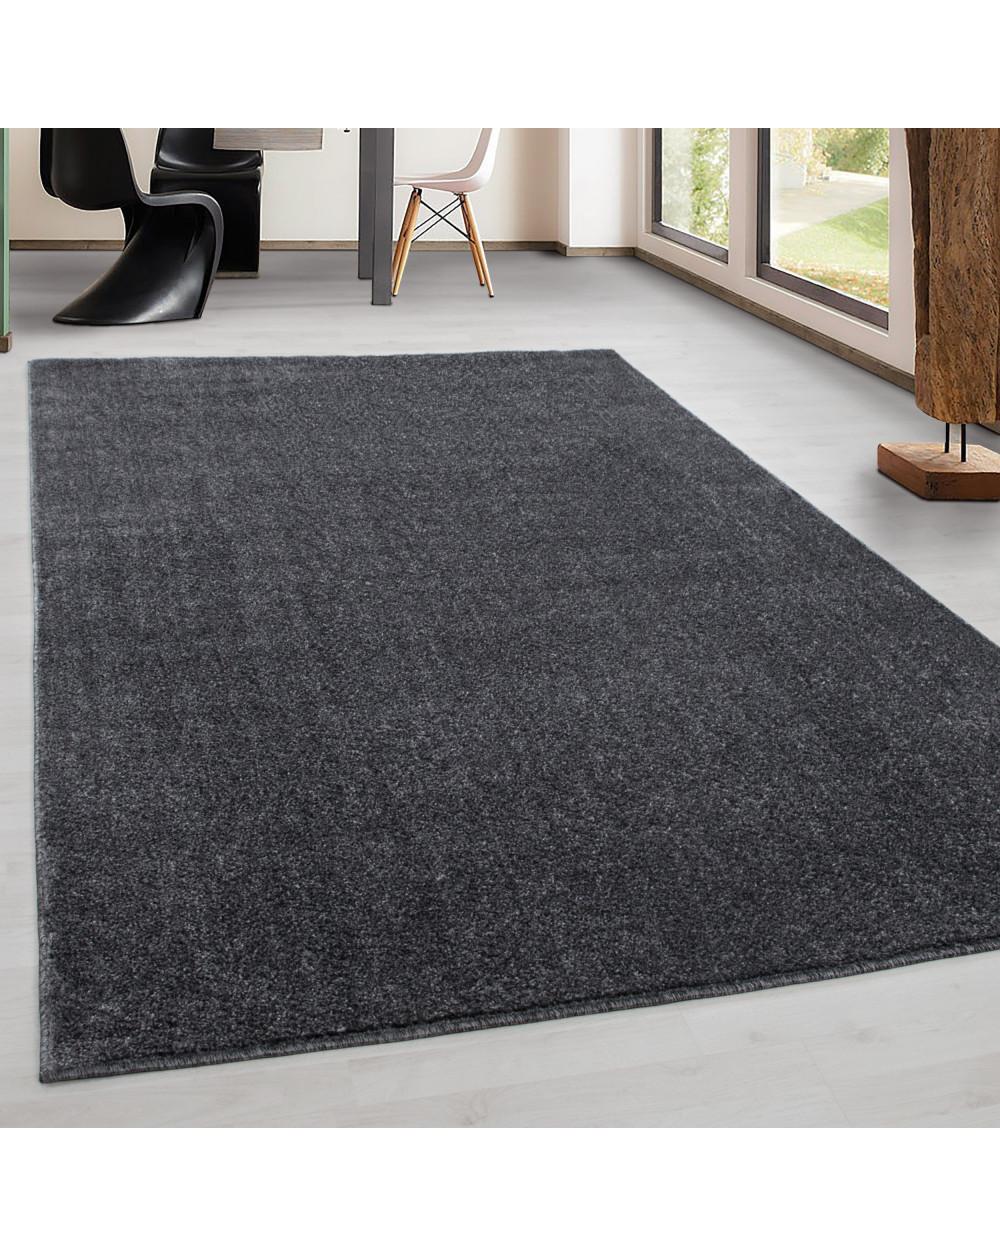 Teppich Kurzflor Modern Wohnzimmer Einfarbig Meliert Uni günstig Grau